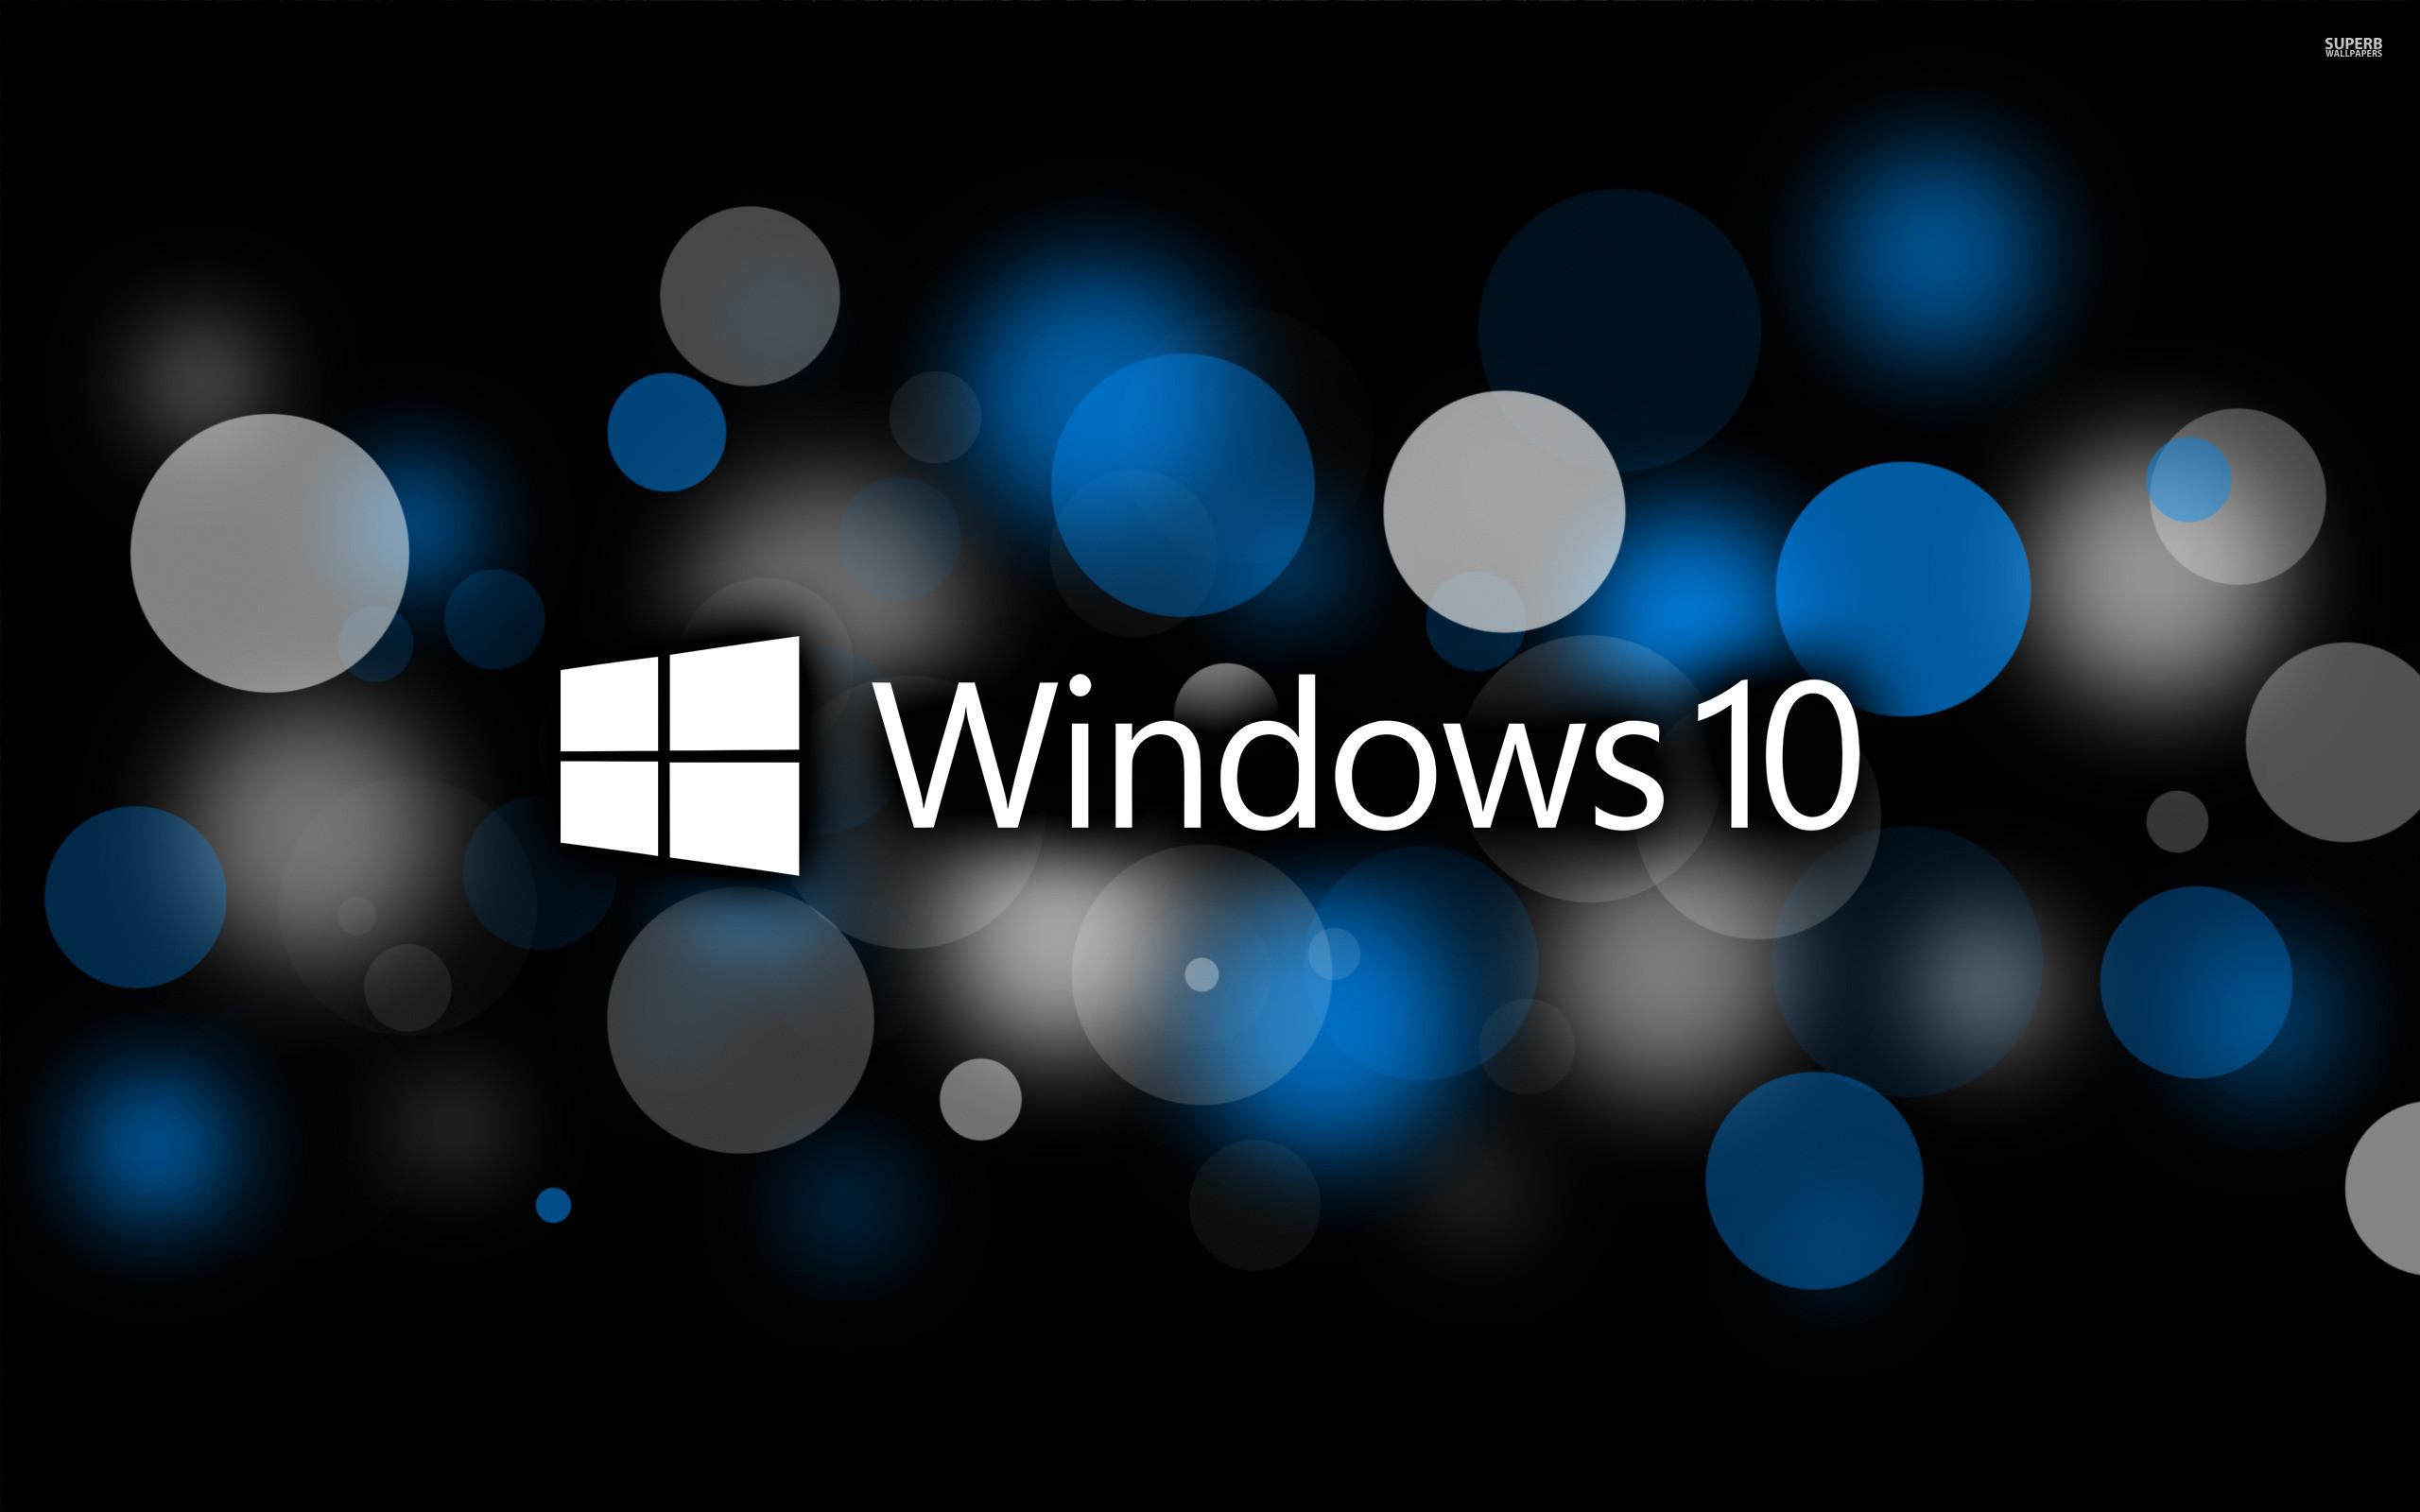 Windows 10 Hd Desktop Wallpaper Full Hd Desktop Wallpaper Windows 10 2560x1600 Download Hd Wallpaper Wallpapertip